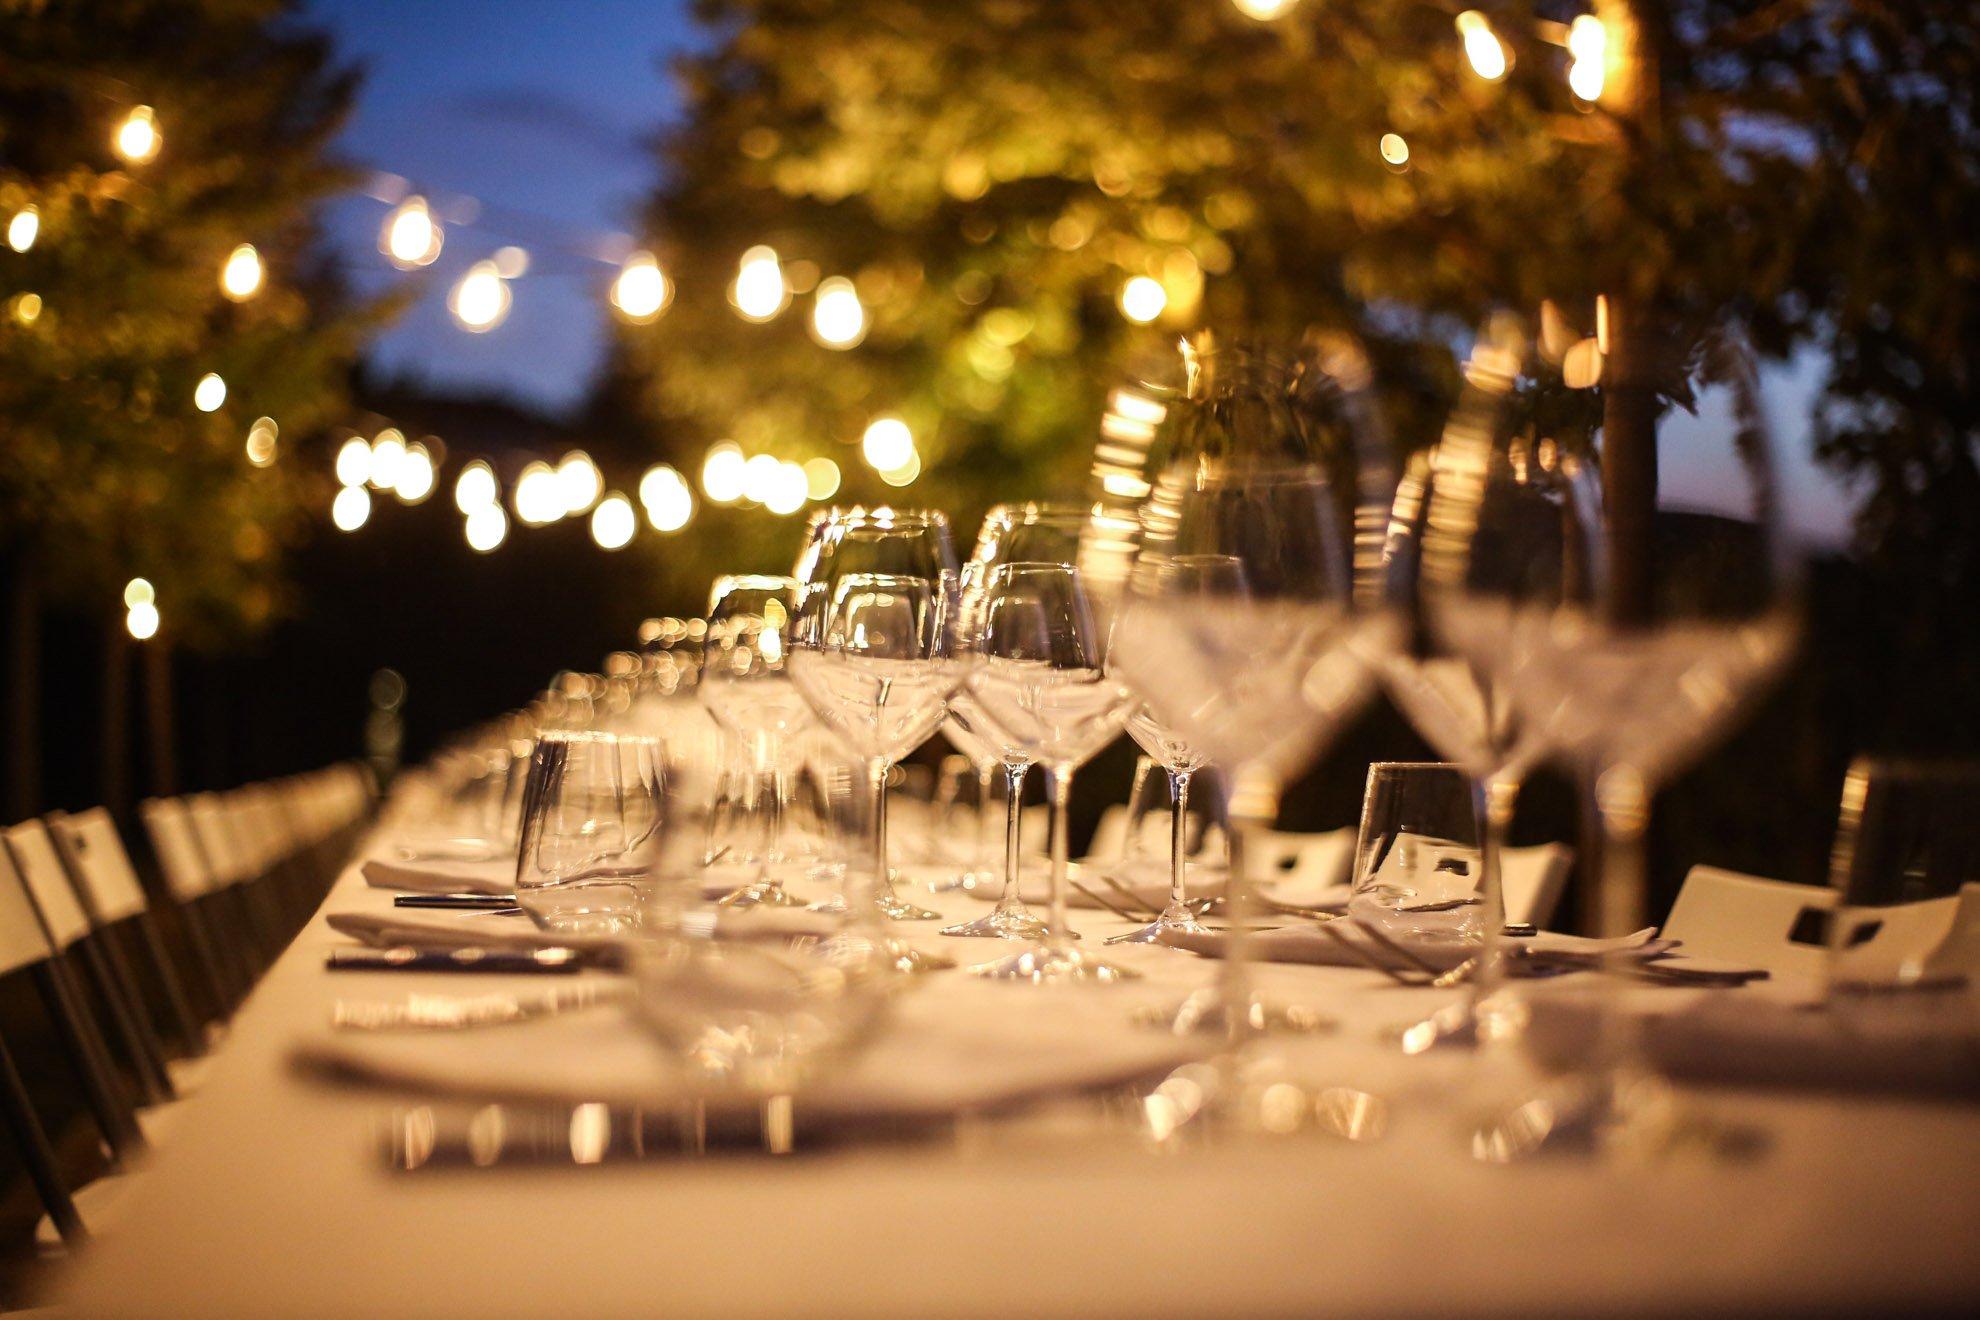 festa privata compleanno villa mise en place ad4 milano   AD4 srls